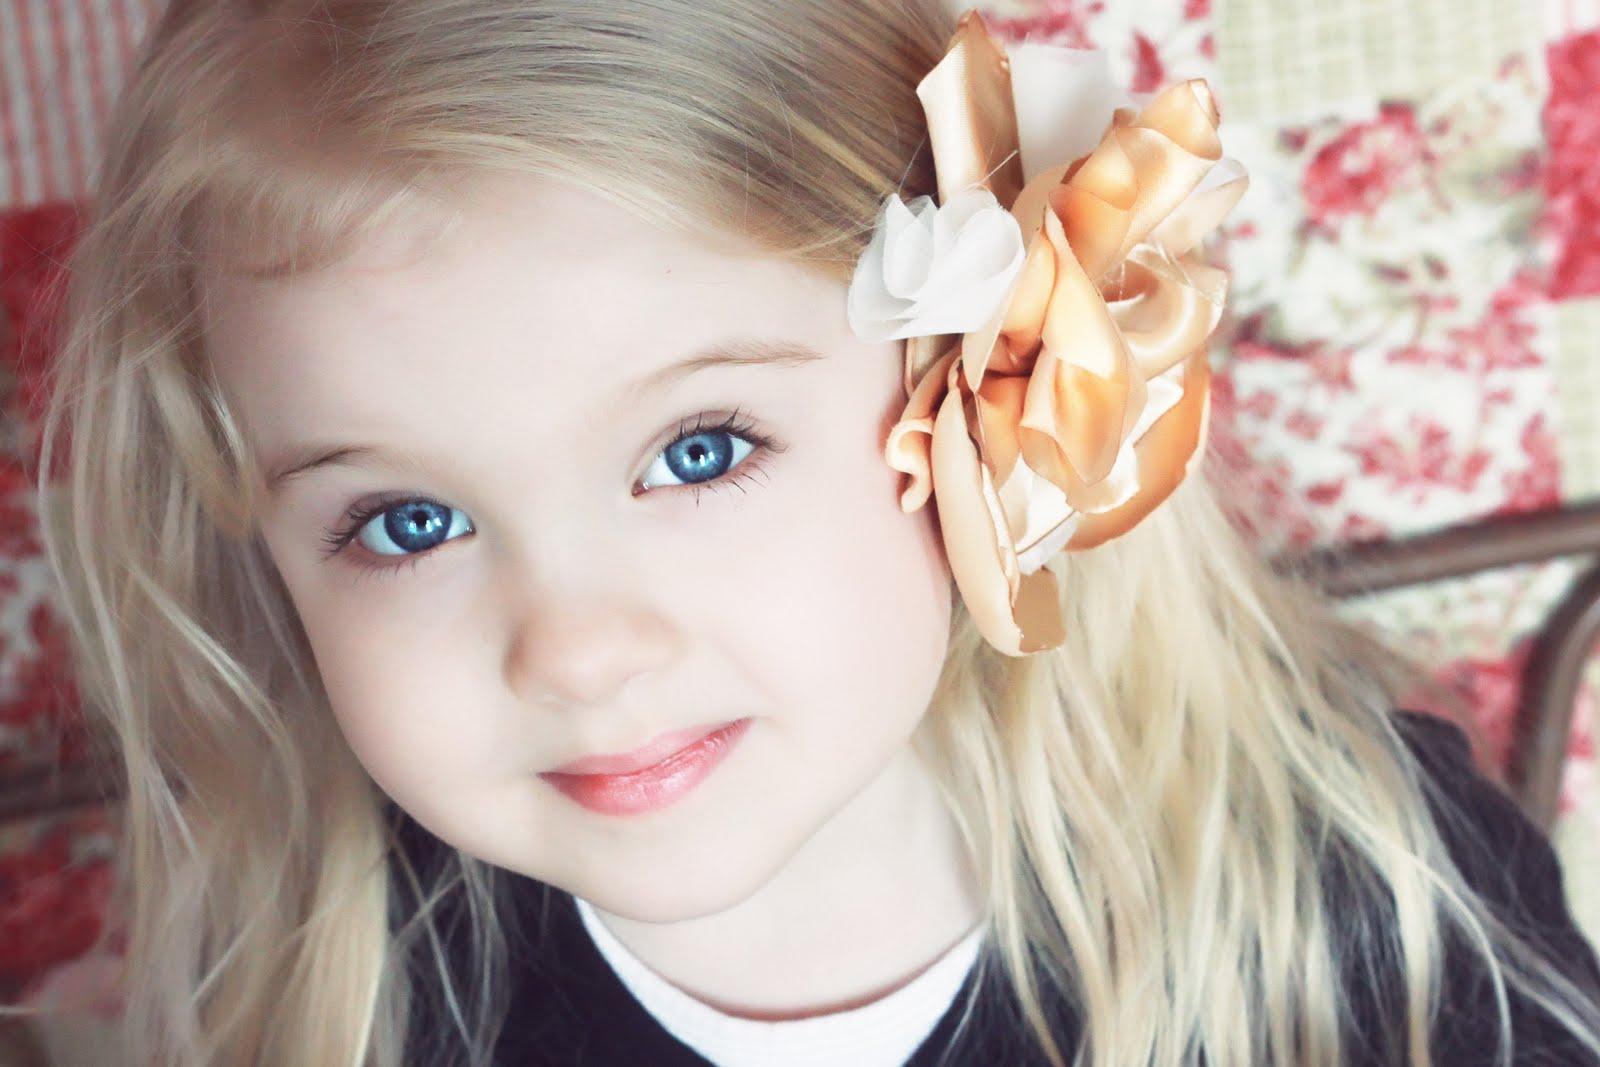 صورة اسماء بنات جميلة وجديدة , تعرف على اسماء بنات مودرن وحديثة